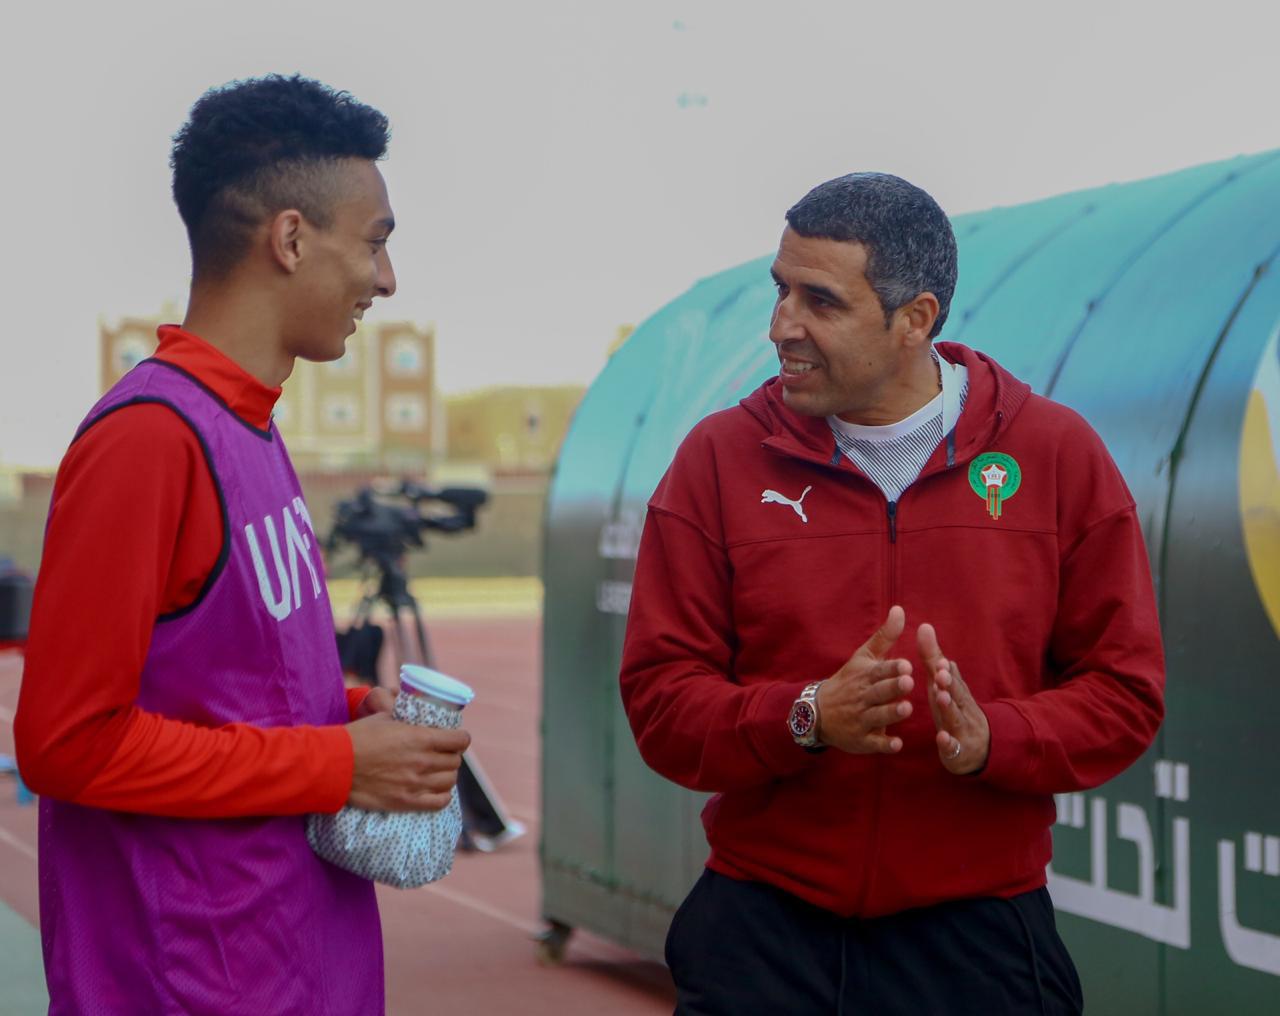 نور الدين نيبت: لقب الكأس العربية ليس هدفنا